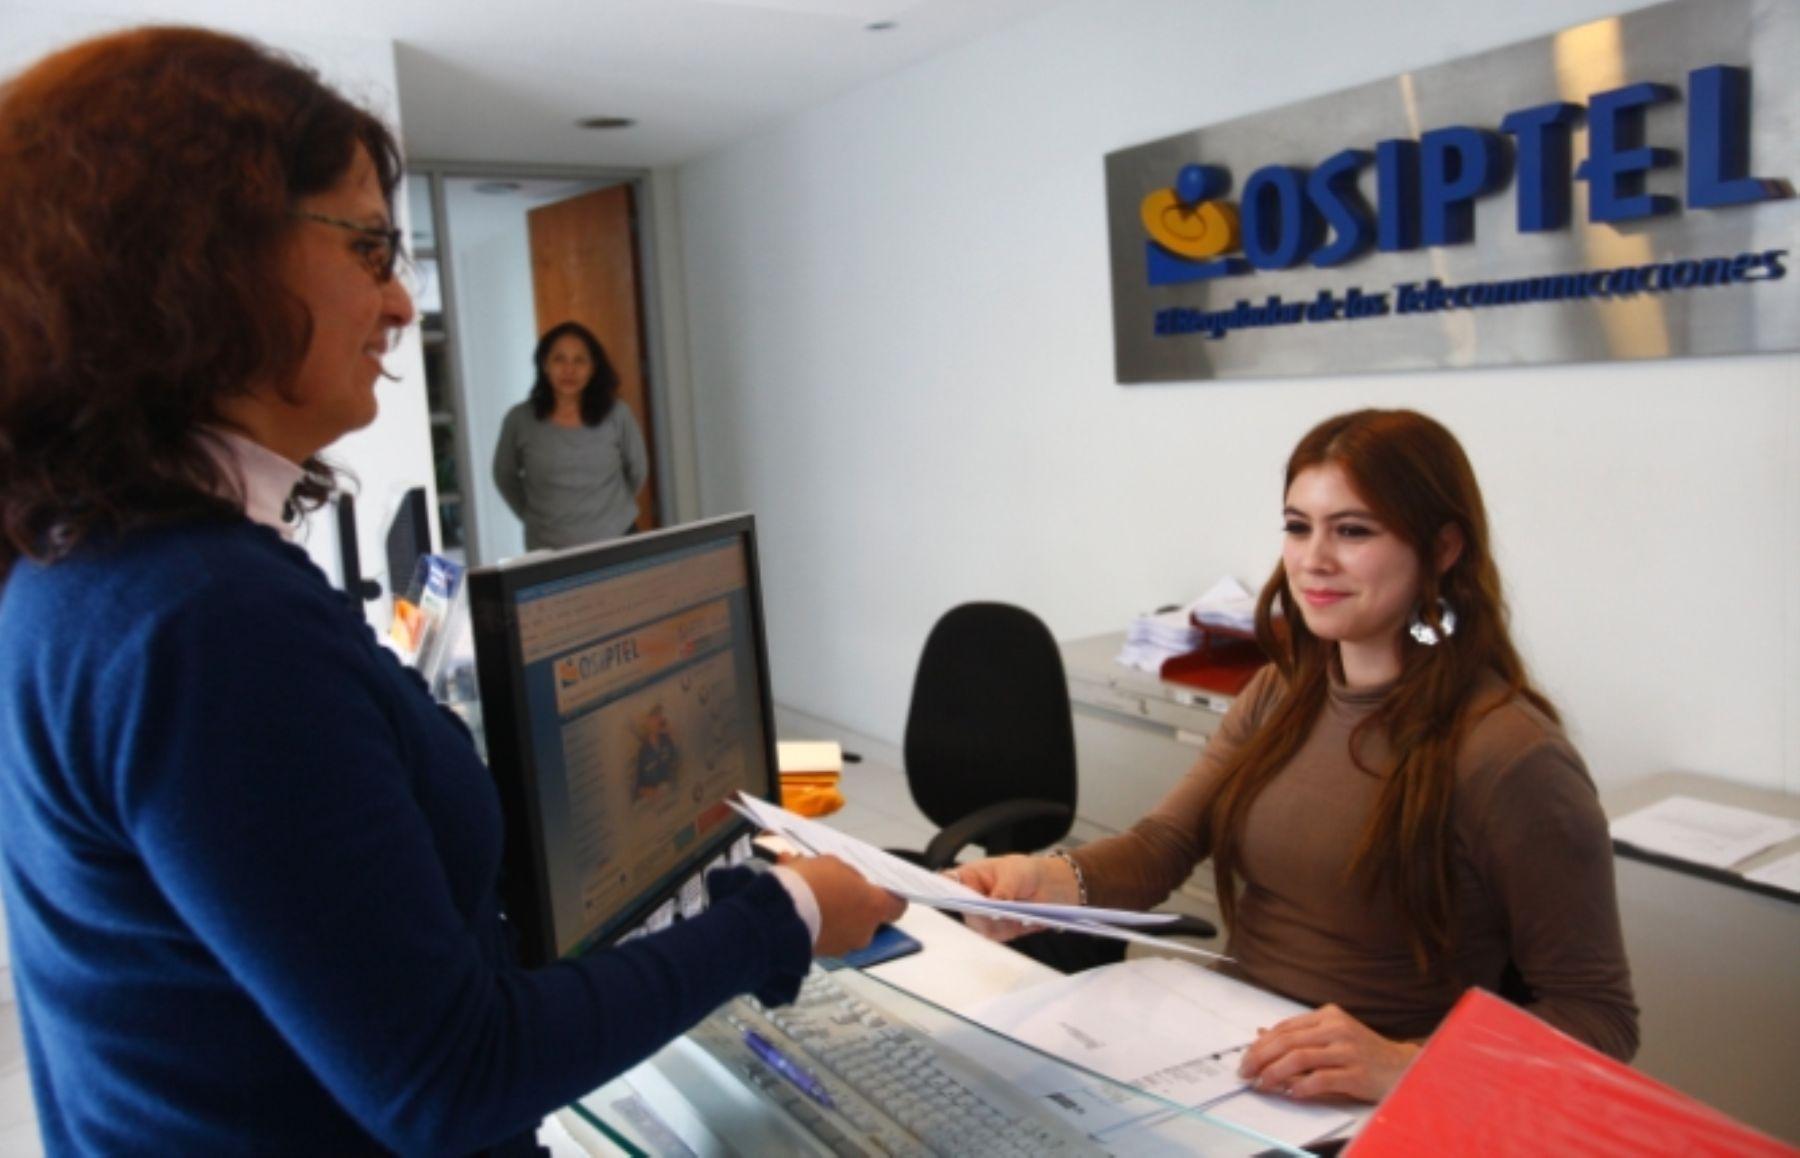 Usuarios de telefonía han presentado alrededor de 600 reclamos han presentado ante oficina de Osiptel Chiclayo.